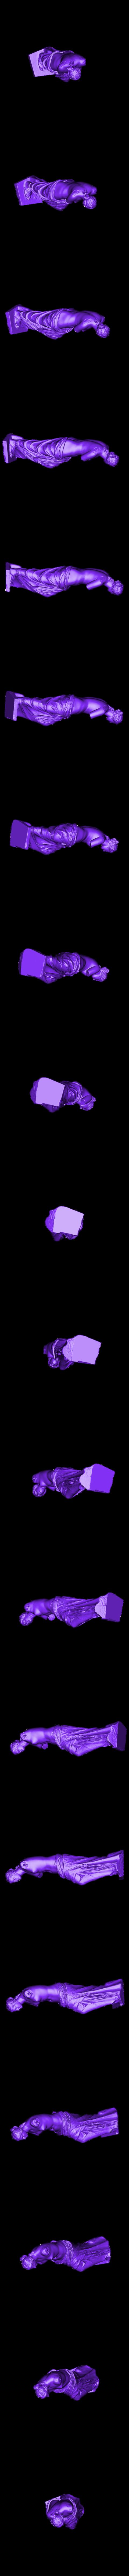 best-venus-de-milo-louvre.stl Télécharger fichier STL gratuit Vénus de Milo au Louvre, Paris • Modèle pour impression 3D, Louvre